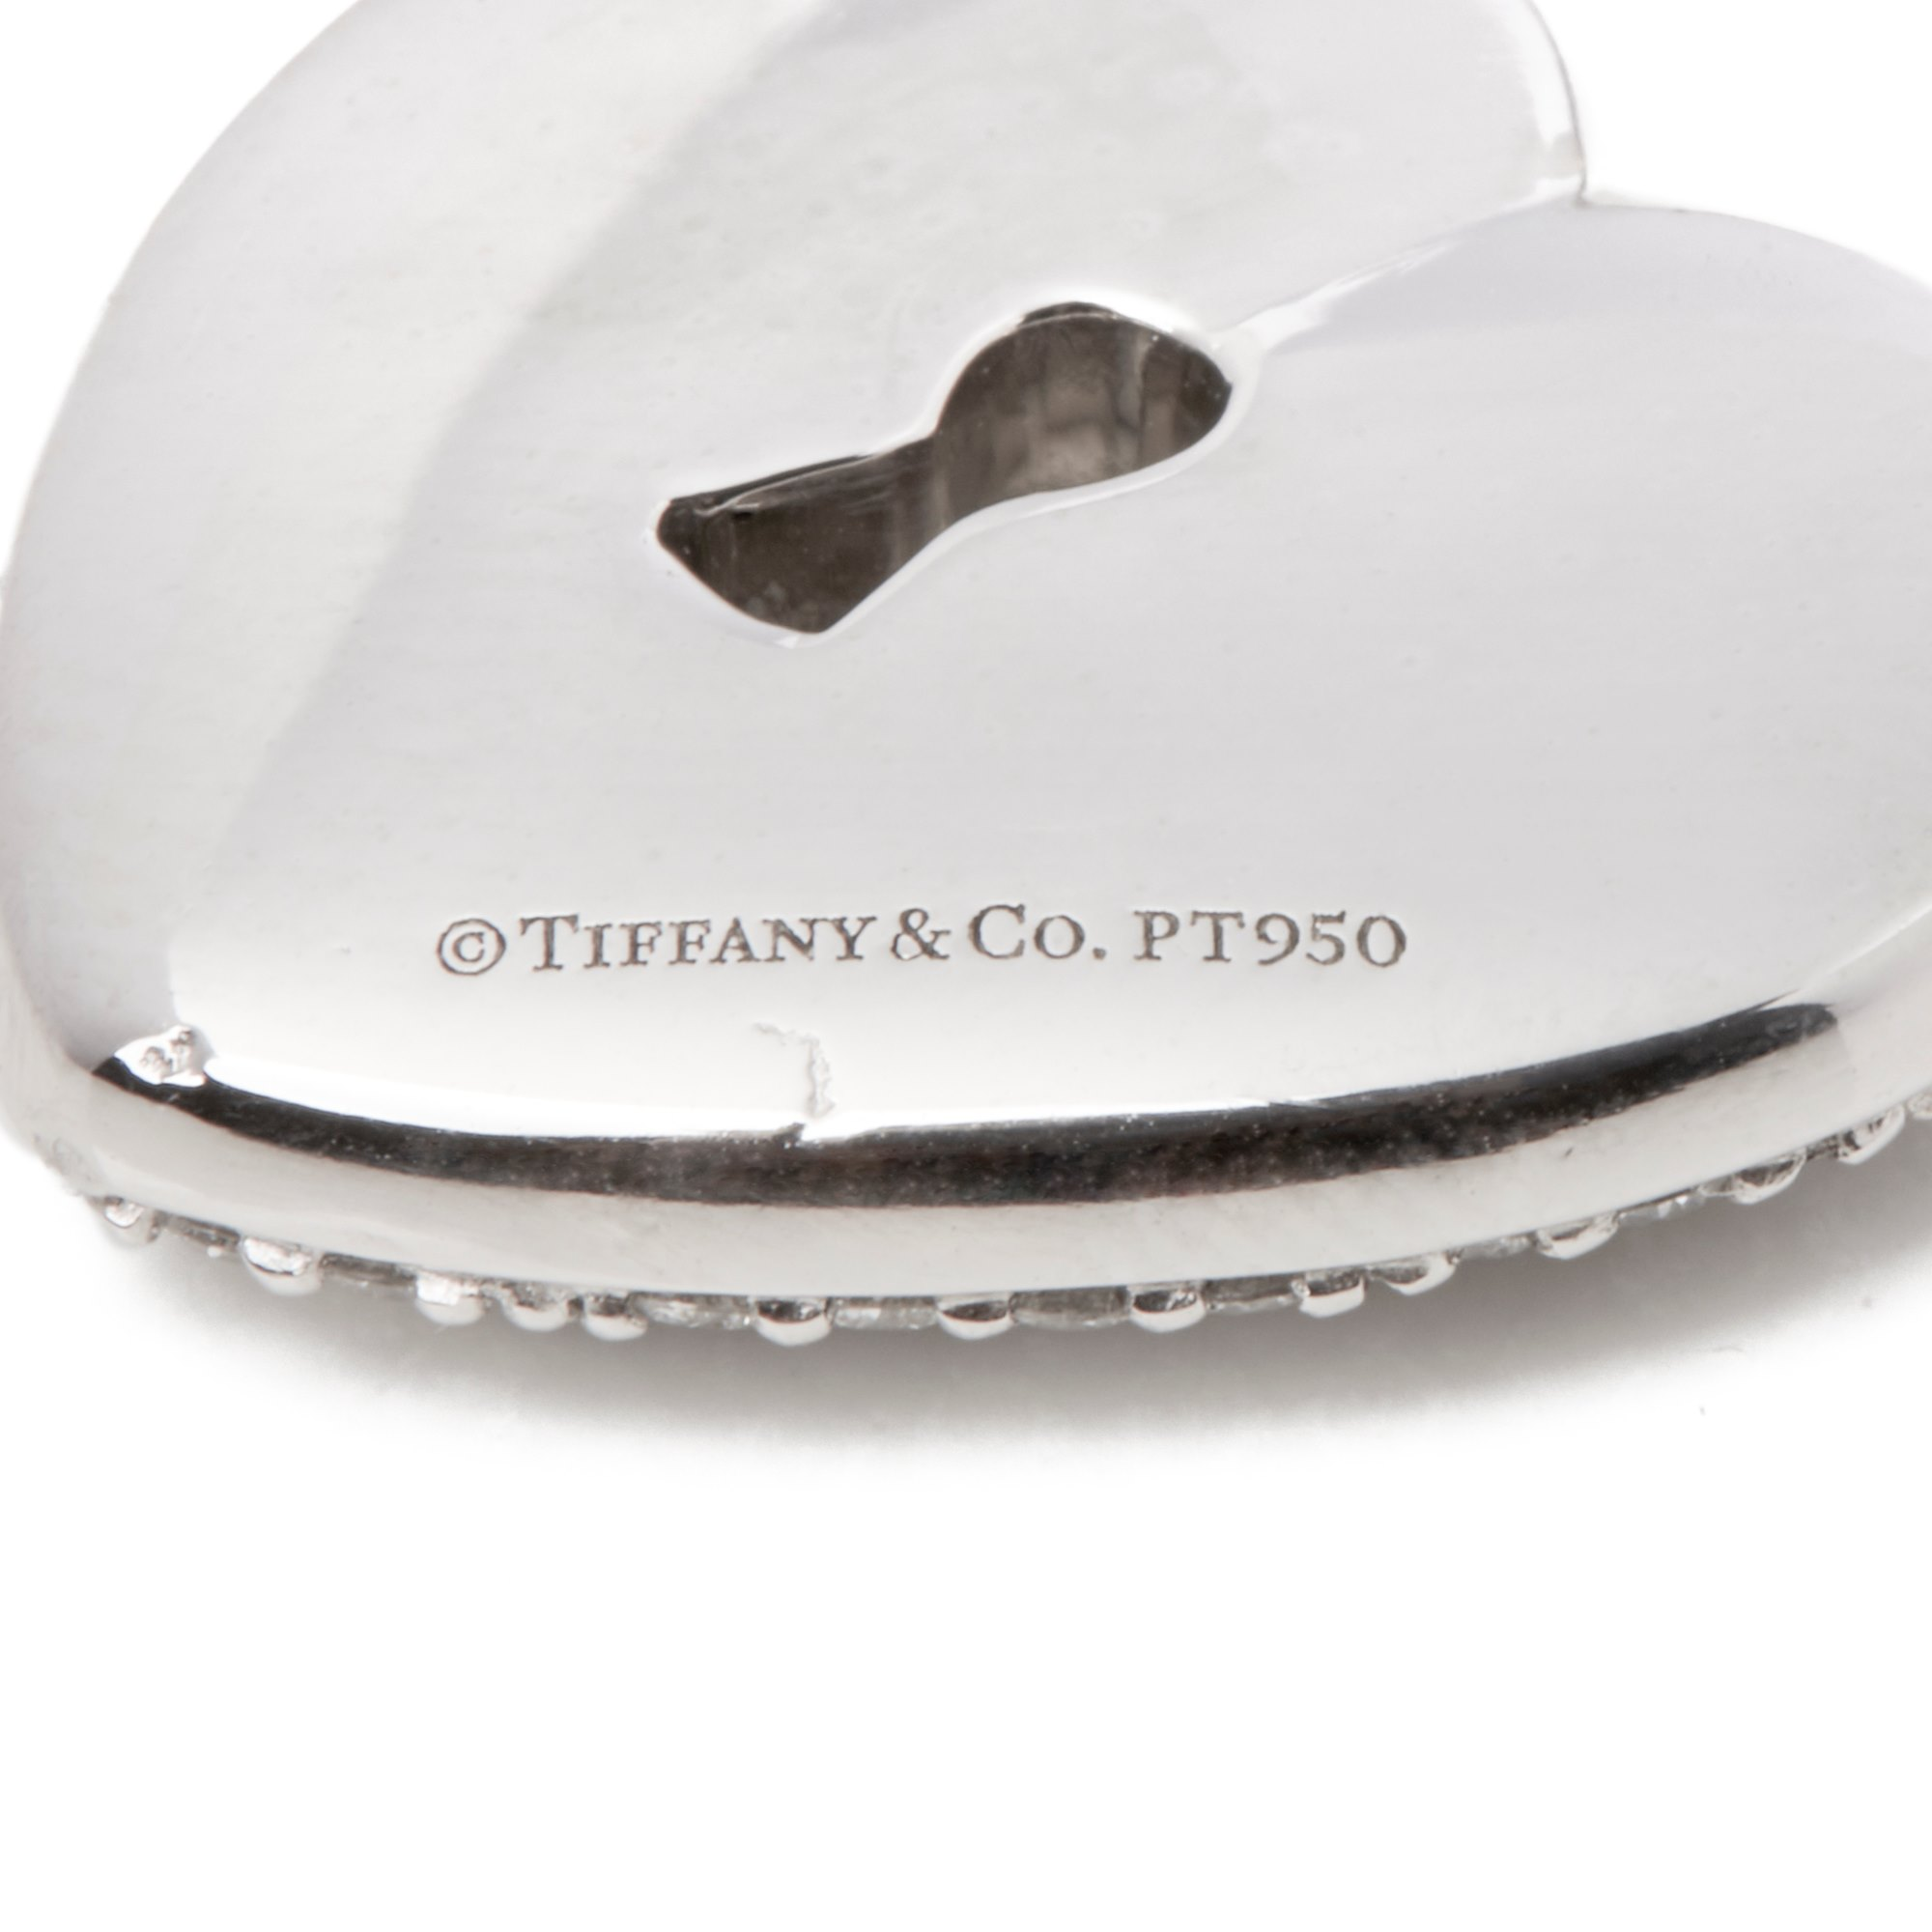 Tiffany & Co. Platinum Diamond Heart Tiffany Key Pendant Necklace